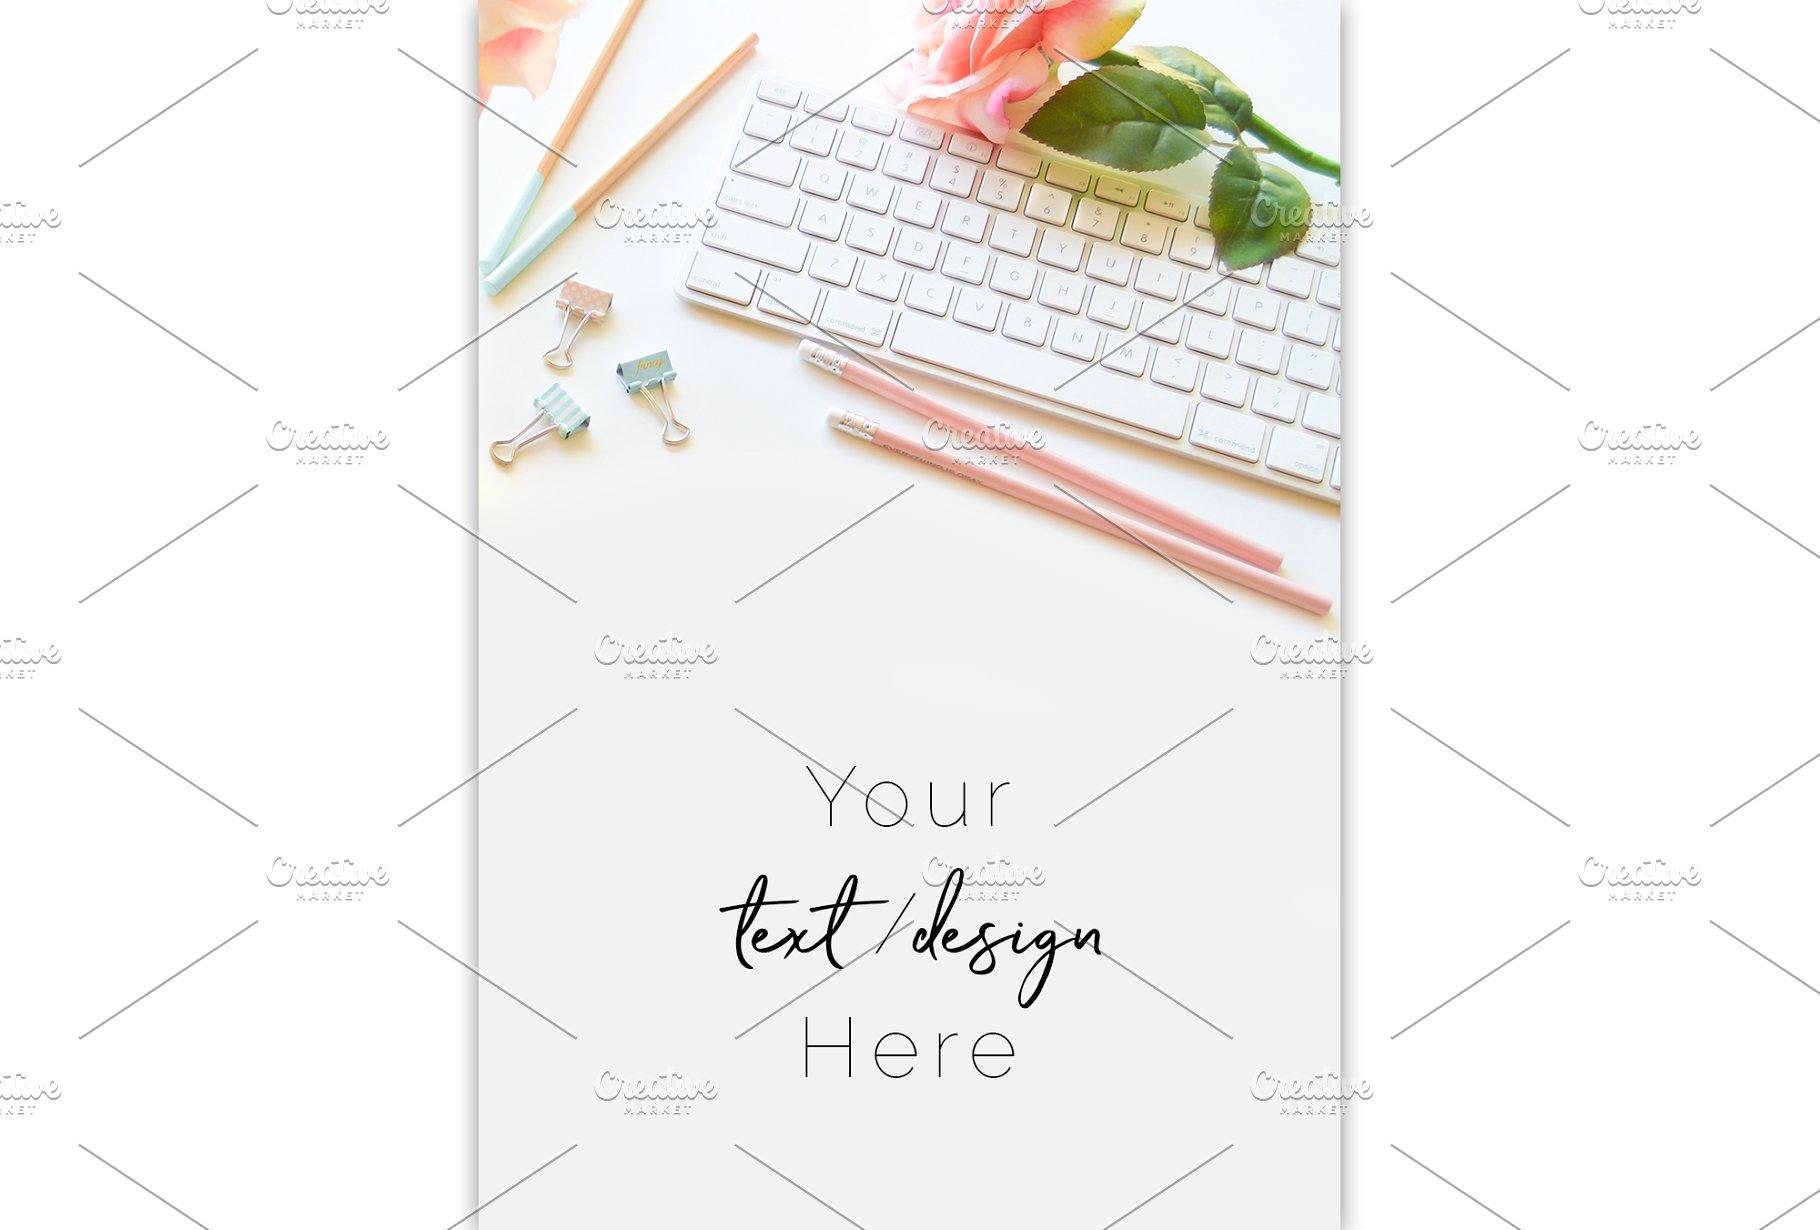 Desktop Mac Keyboard Stock Image